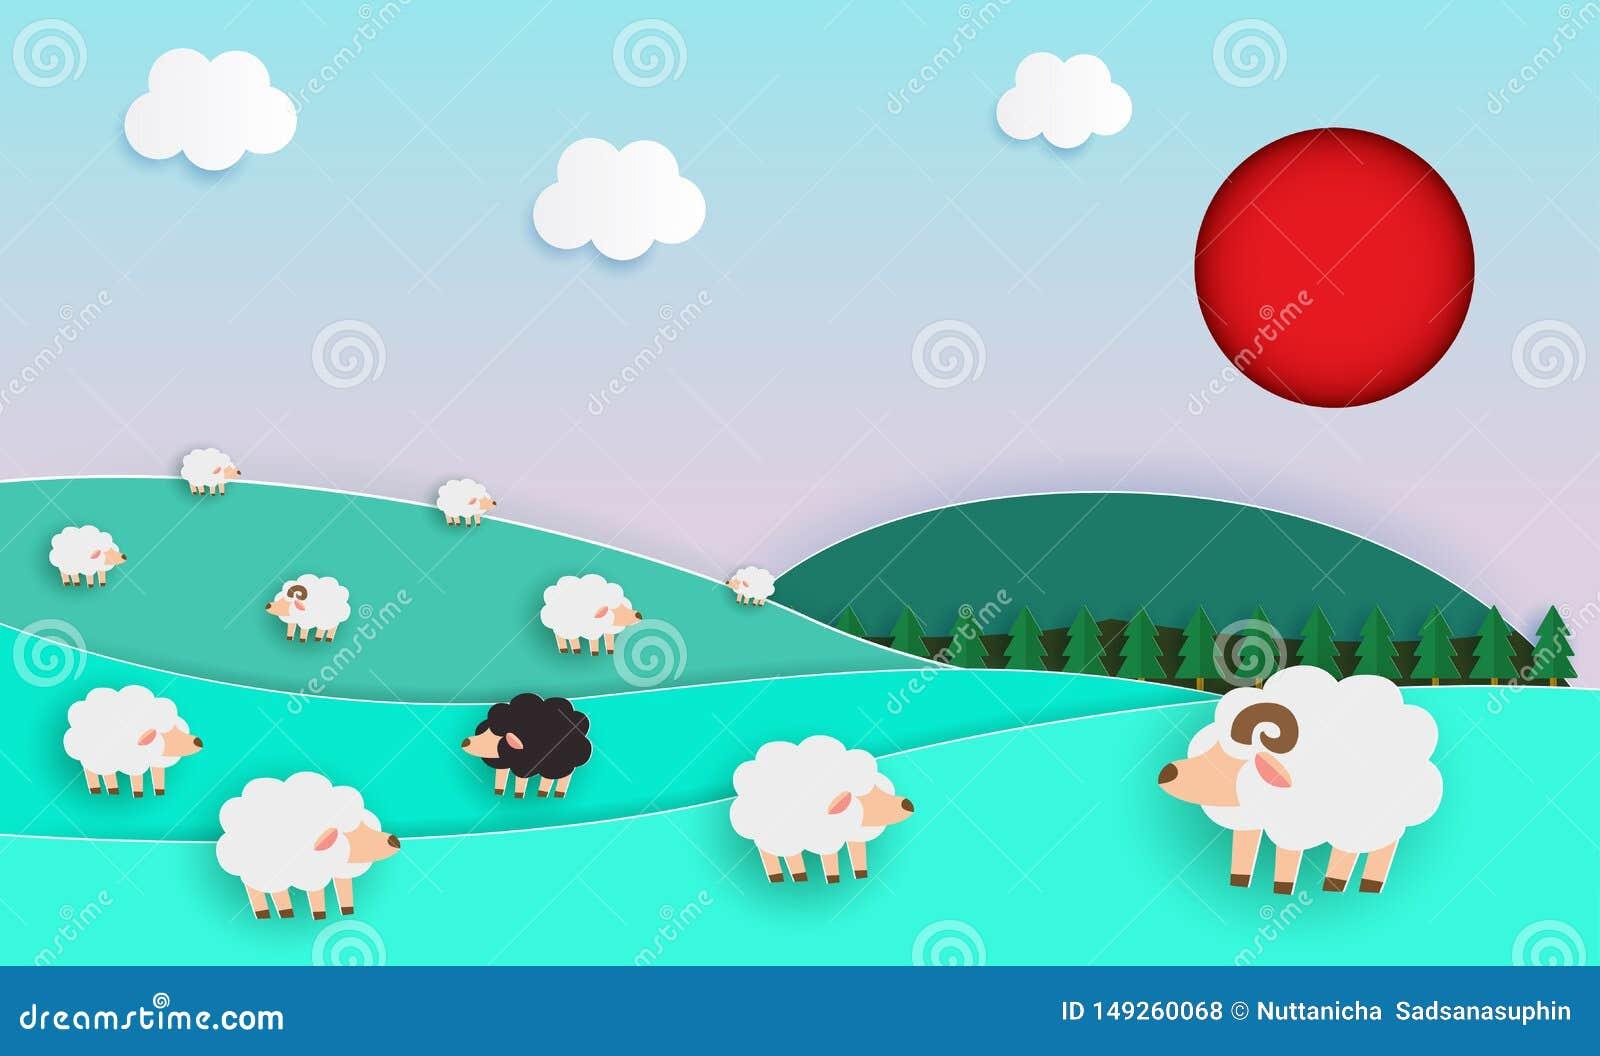 De kudde van schapen op groen weiland, Document sneed Stijl, elementen van de landbouw van landschappen met schapen en natuurlijk